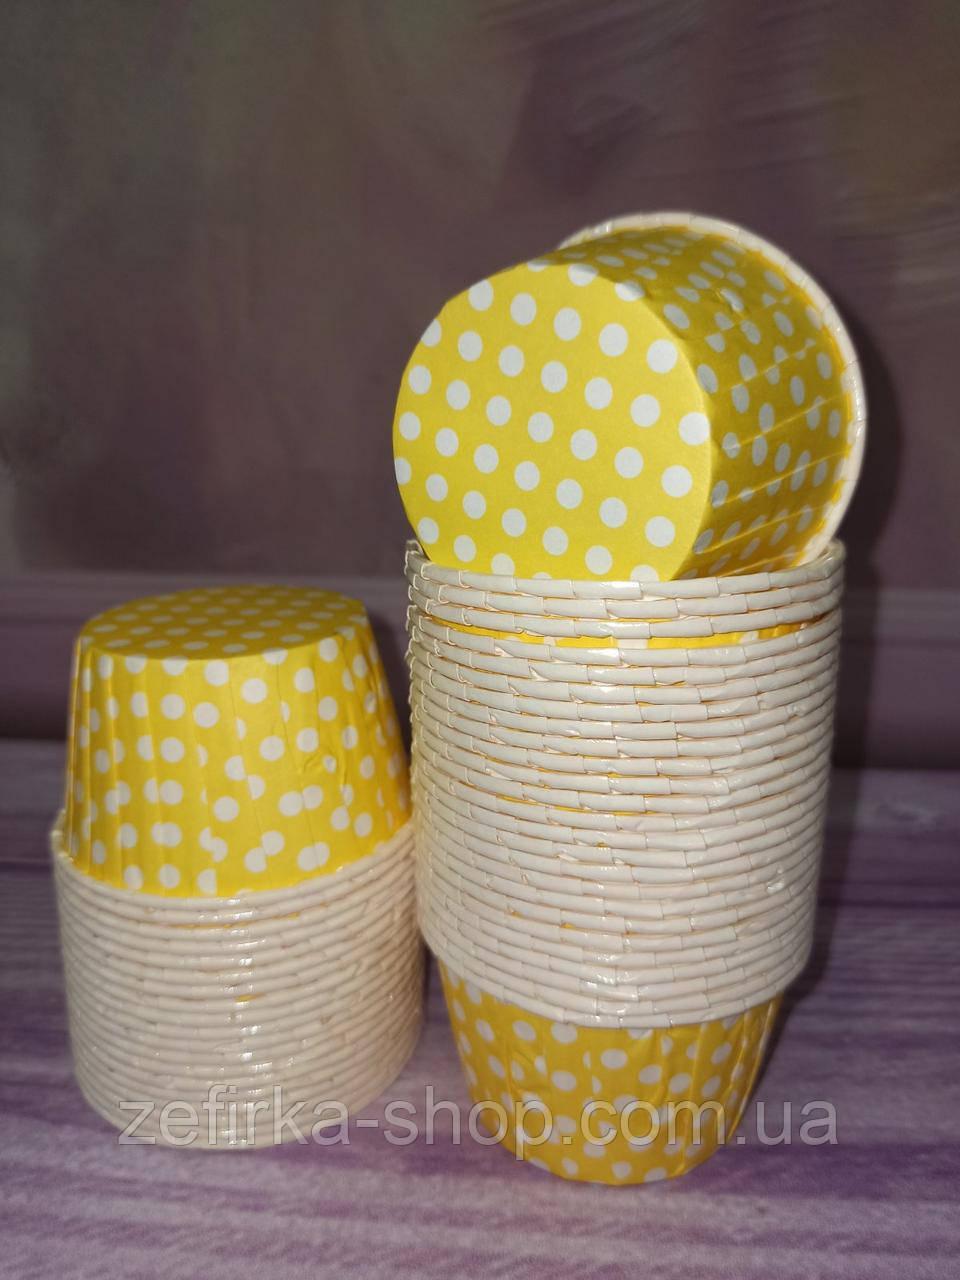 Бумажные формы для кексов усиленные с бортиком, желтые в горох  6* 4 см